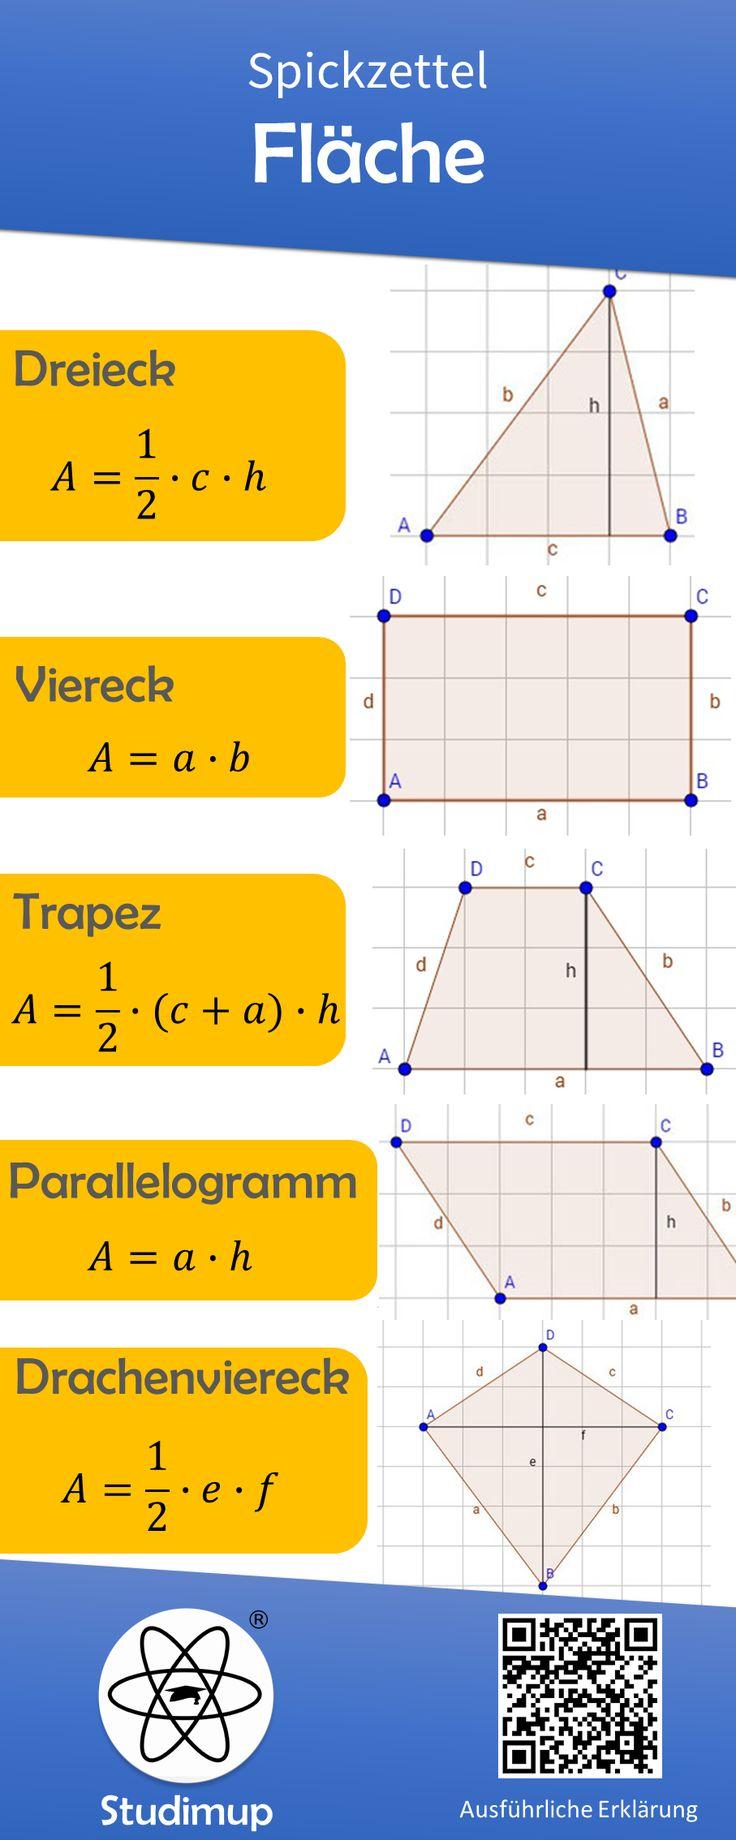 Fläche berechnen Spickzettel – Viola